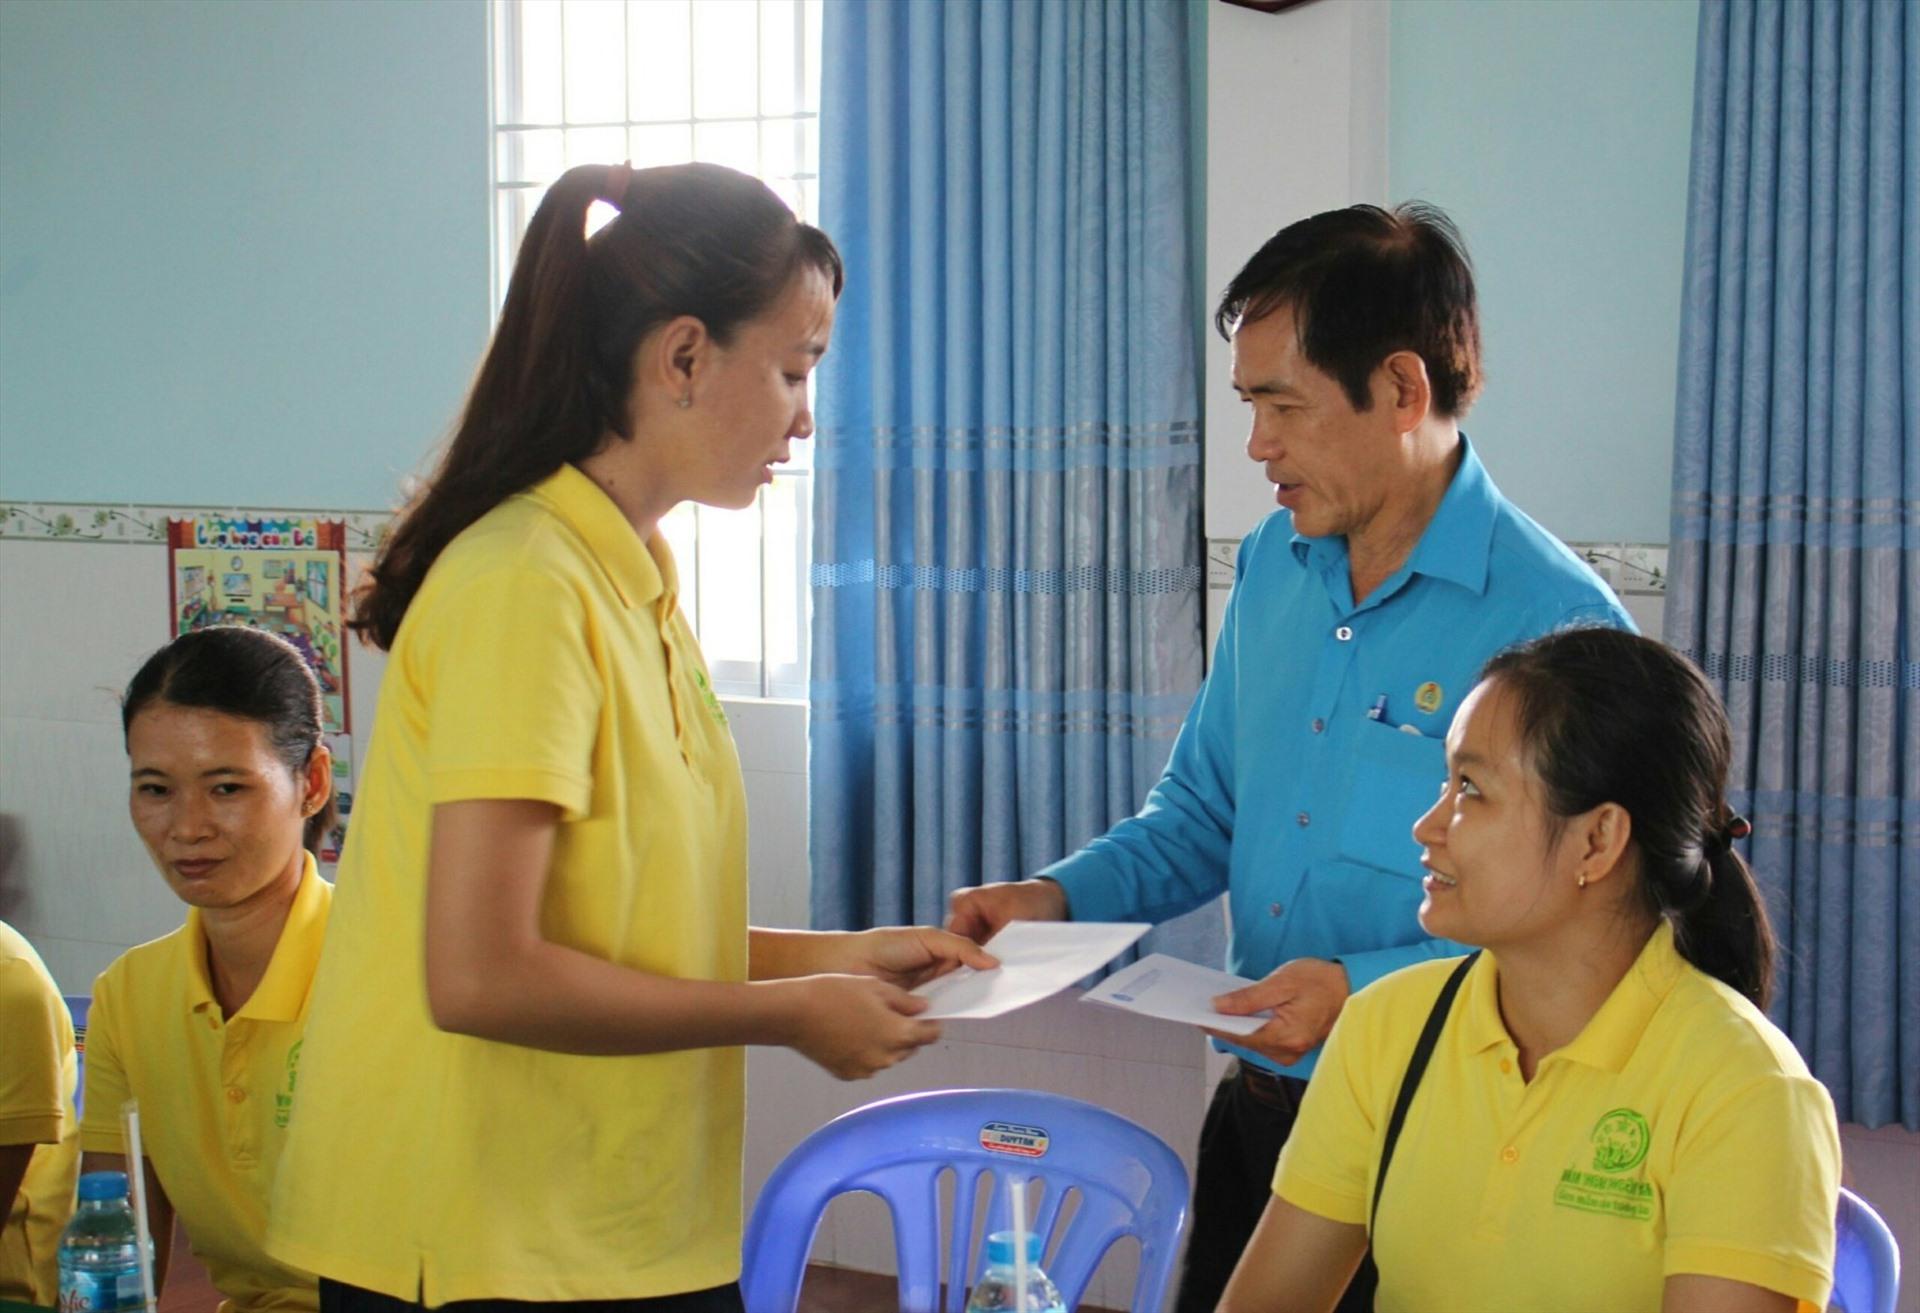 Chủ tịch LĐLĐ tỉnh Đồng Tháp Trần Hoàng Vũ tặng quà cho đoàn viên Trường Mầm non - Tiểu học tư thục bán trú Ngôi Sao. Ảnh: Trung Hiếu